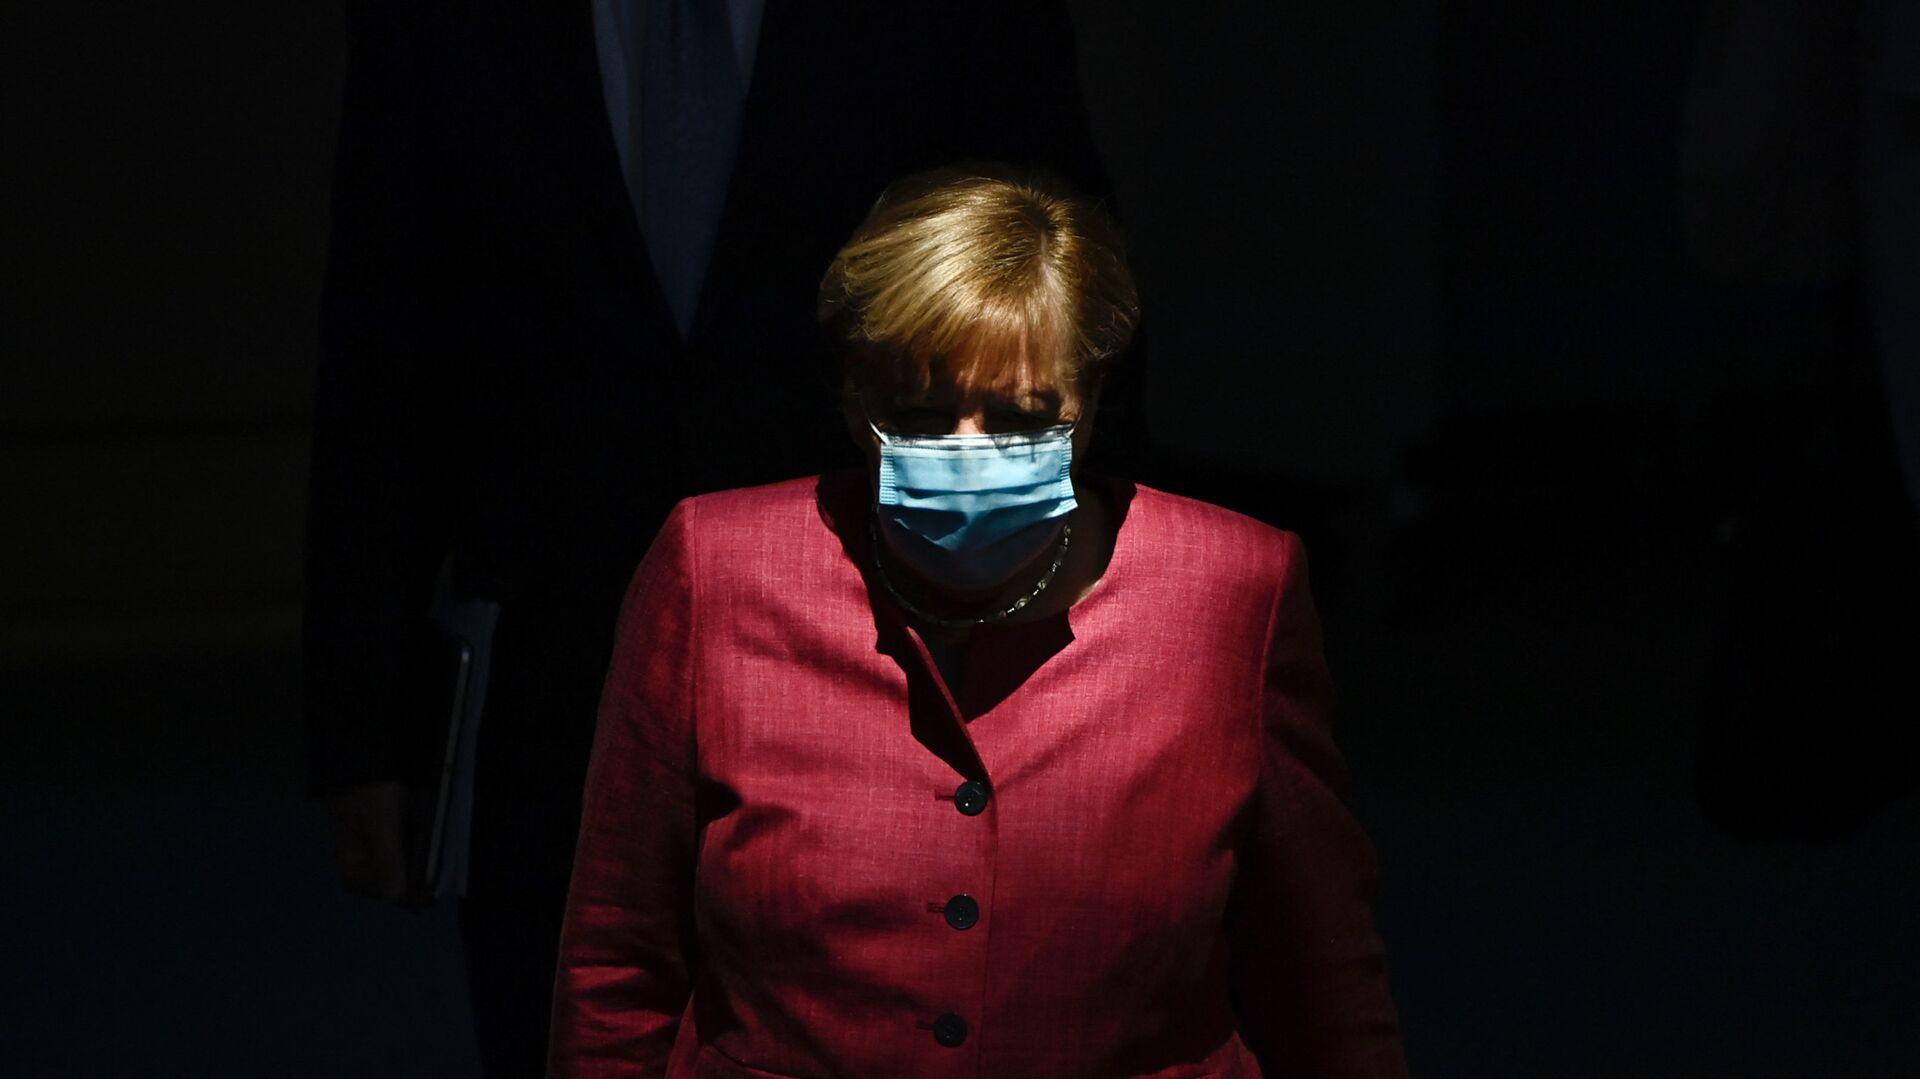 Německá kancléřka Angela Merkelová - Sputnik Česká republika, 1920, 25.04.2021